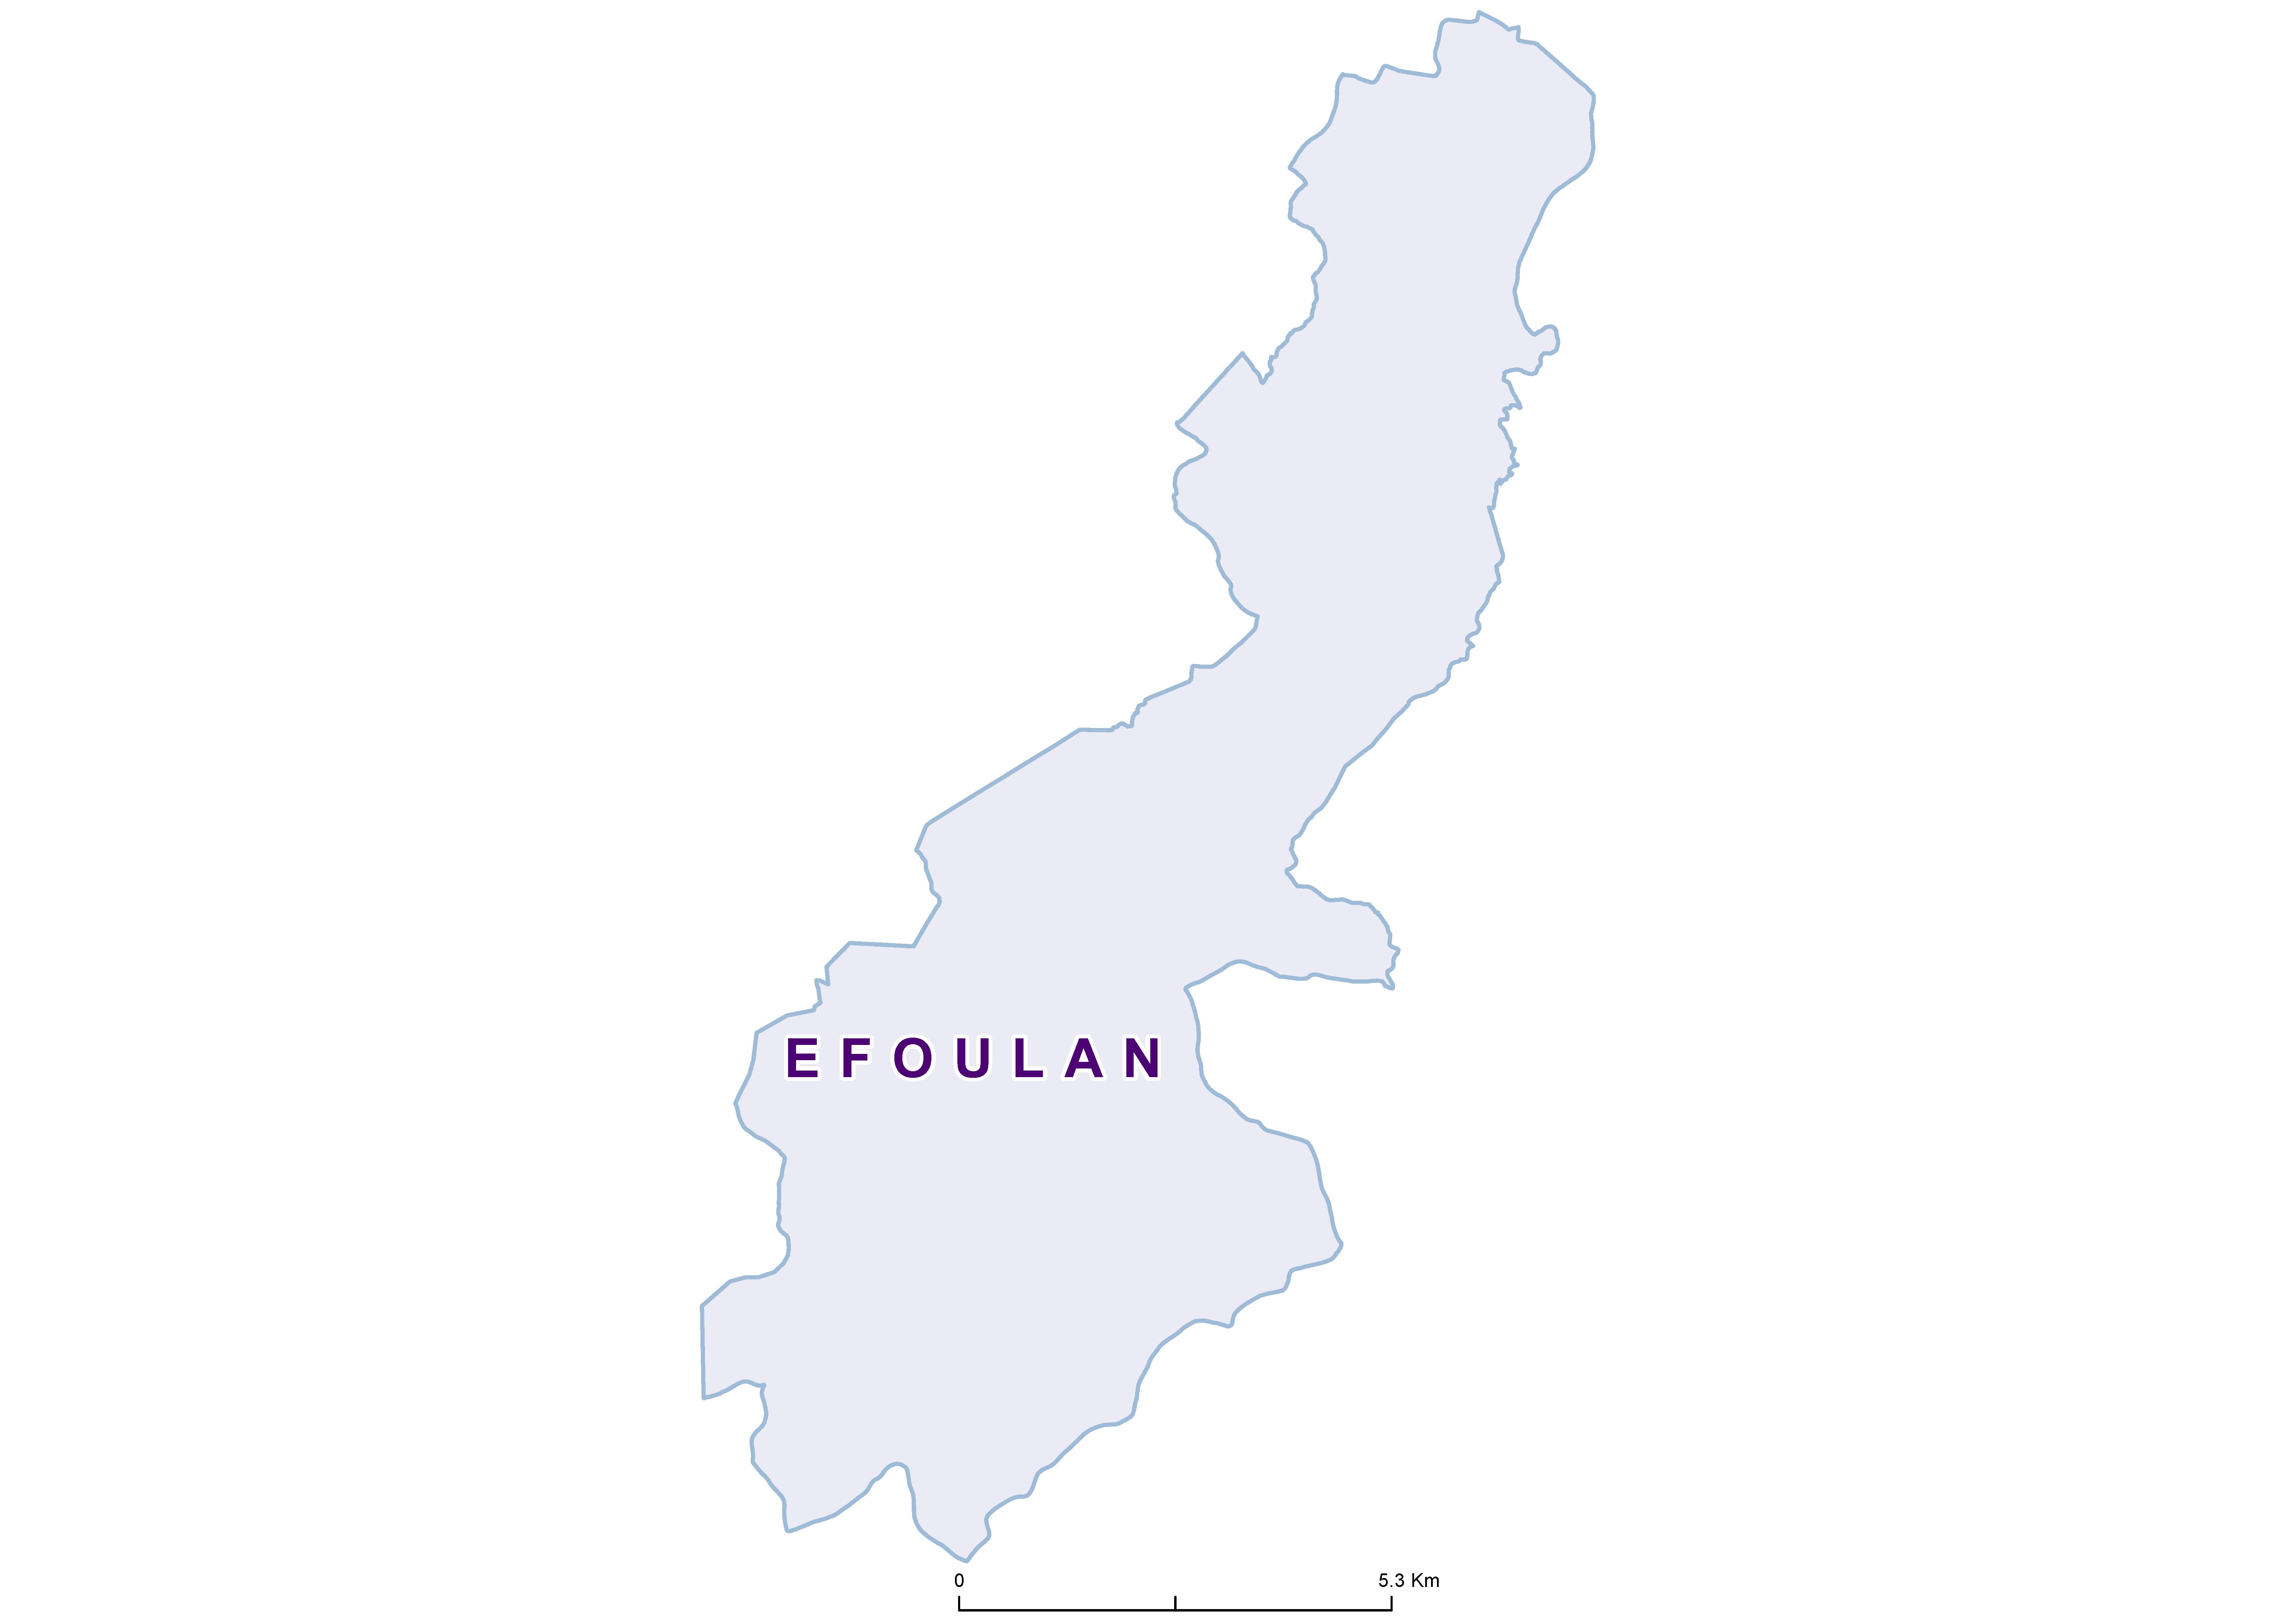 Efoulan Mean SCH 19850001